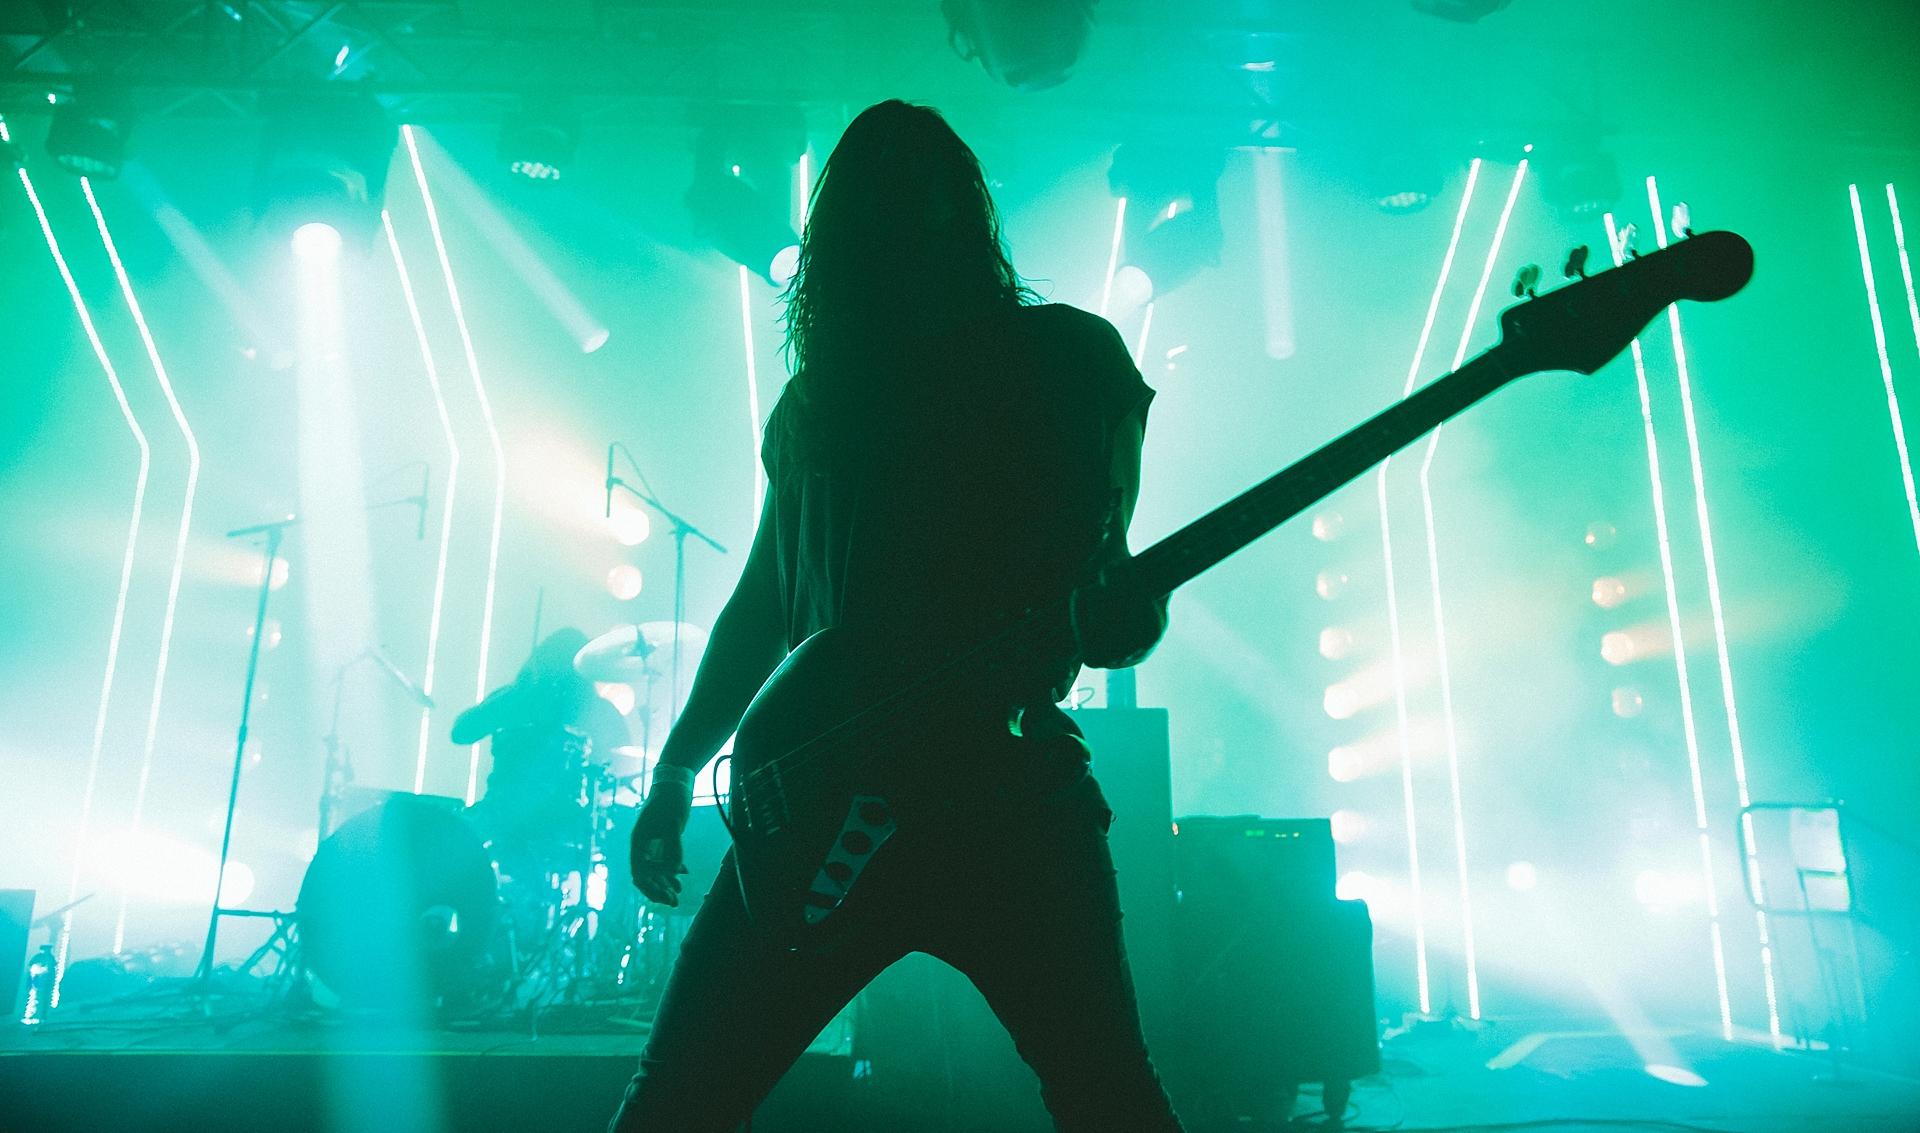 health, green concert lights, bass player